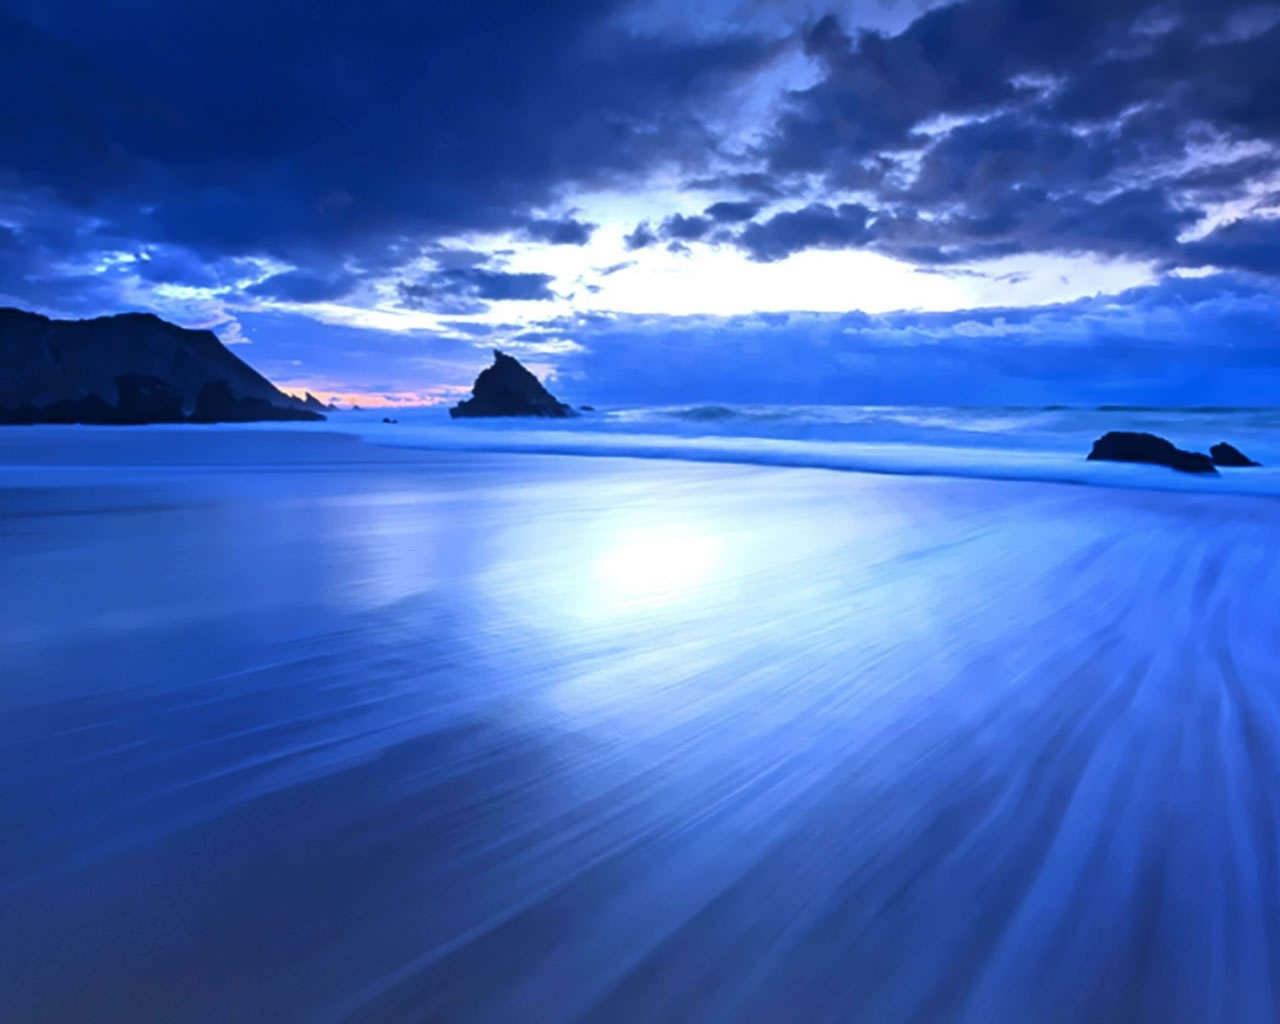 beach-scene-wallpaper-1280x1024-1205043.jpg